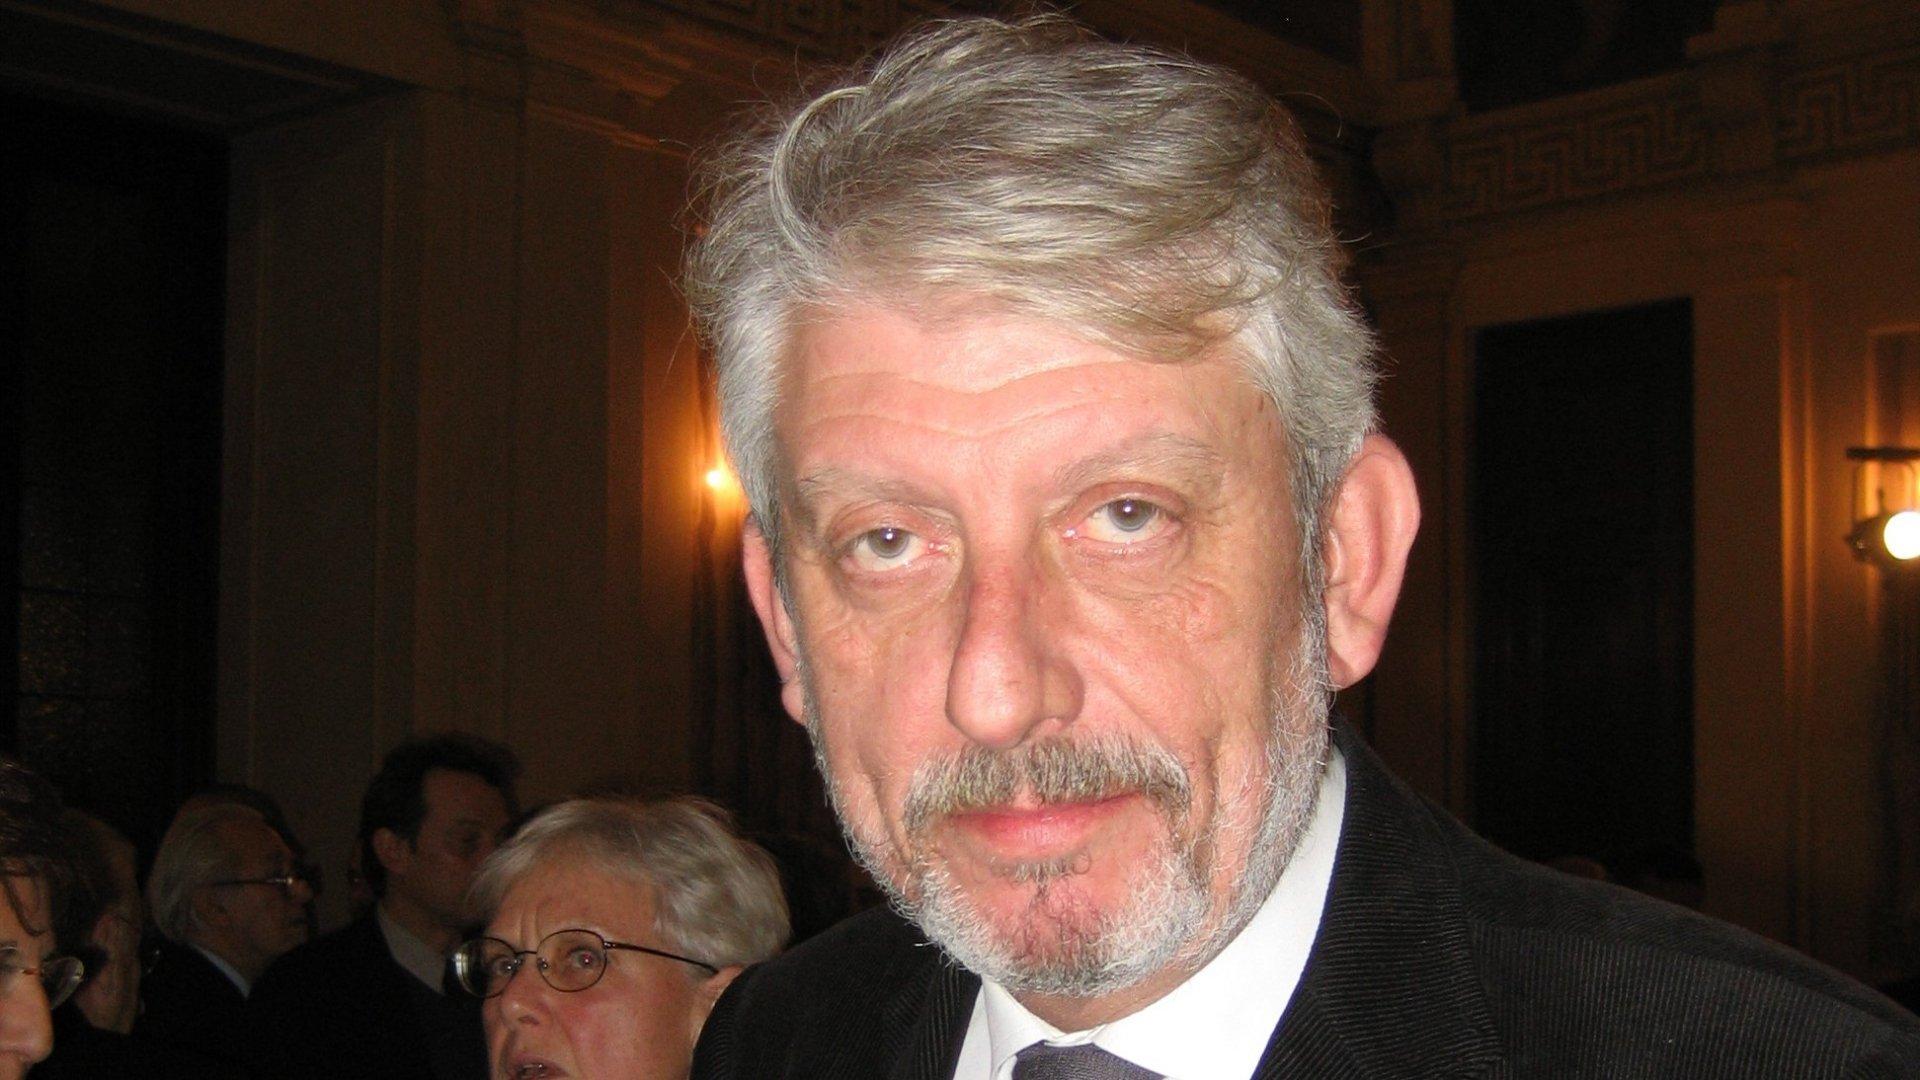 Morto massimo bordin storico direttore di radio radicale for Diretta radio radicale tv